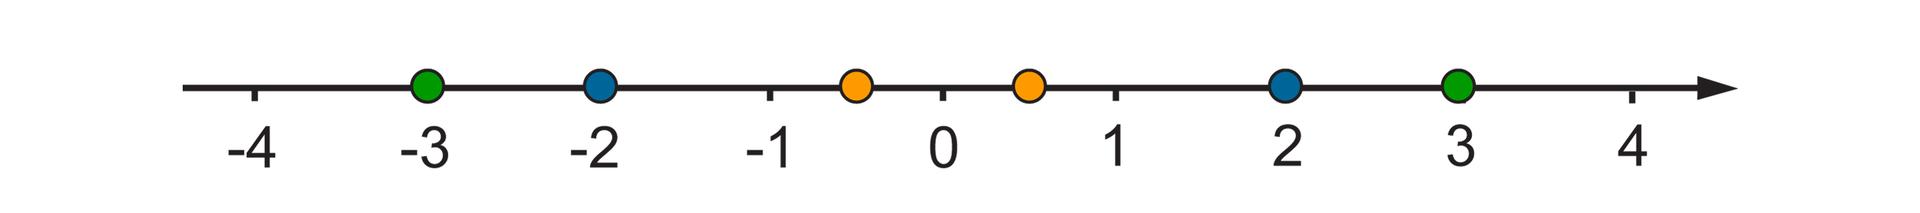 """""""Rysunek osi liczbowej zzaznaczonymi punktami od -4 do 4. Tymi samymi kolorami oznaczone pary liczb 2 i-2"""